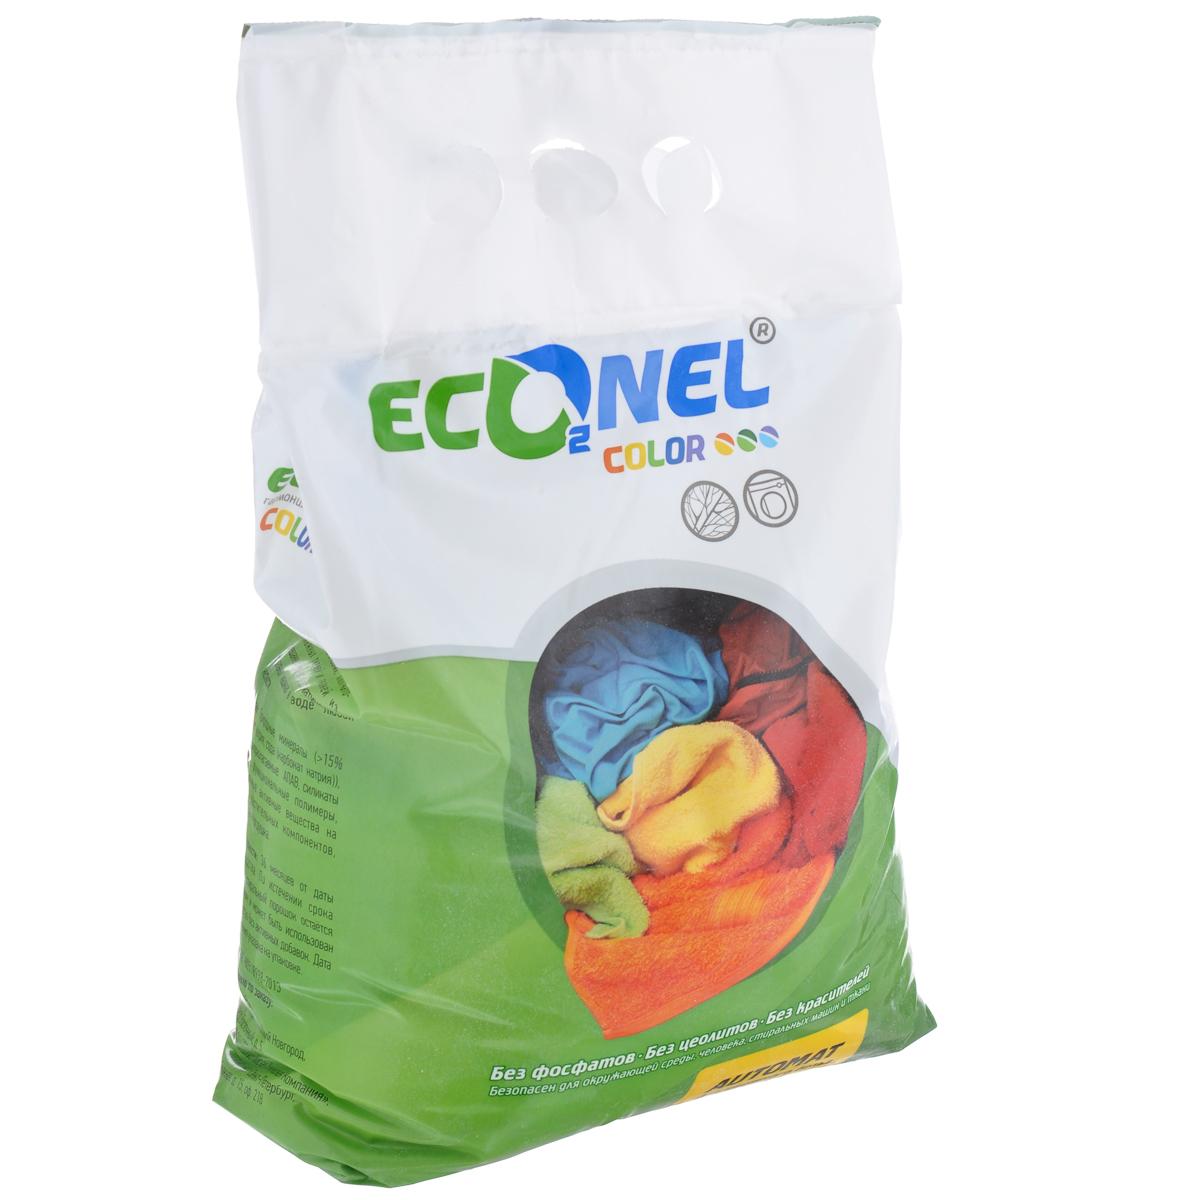 Стиральный порошок Econel Color, автомат, для цветного белья, 3 кг870143Стиральный порошок Econel Color предназначен для стирки белья из льняных, синтетических, хлопчатобумажных тканей и тканей из смешанных волокон в автоматических стиральных машинах в воде любой жесткости. Полностью биоразлагаемый порошок, не наносит вреда окружающей среде.Современное производство не образует пыли, которая может раздражать дыхательные пути.Высокоэффективная стирка за счет содержания современных активных компонентов. Эффективен даже при низких температурах стирки.Сохраняет цвет вещей после многократных стирок.Не содержит искусственных отдушек и красителей, не вызывает аллергию.Защищает стиральную машину от накипи.Состав: природные материалы (более 15% сульфата натрия, карбонат натрия), 5-15% биоразлагаемые АПАВ, силикаты натрия, функциональные полимеры, натуральные активные вещества на основе растительных компонентов, ингибитор переноса красителя, отдушка.